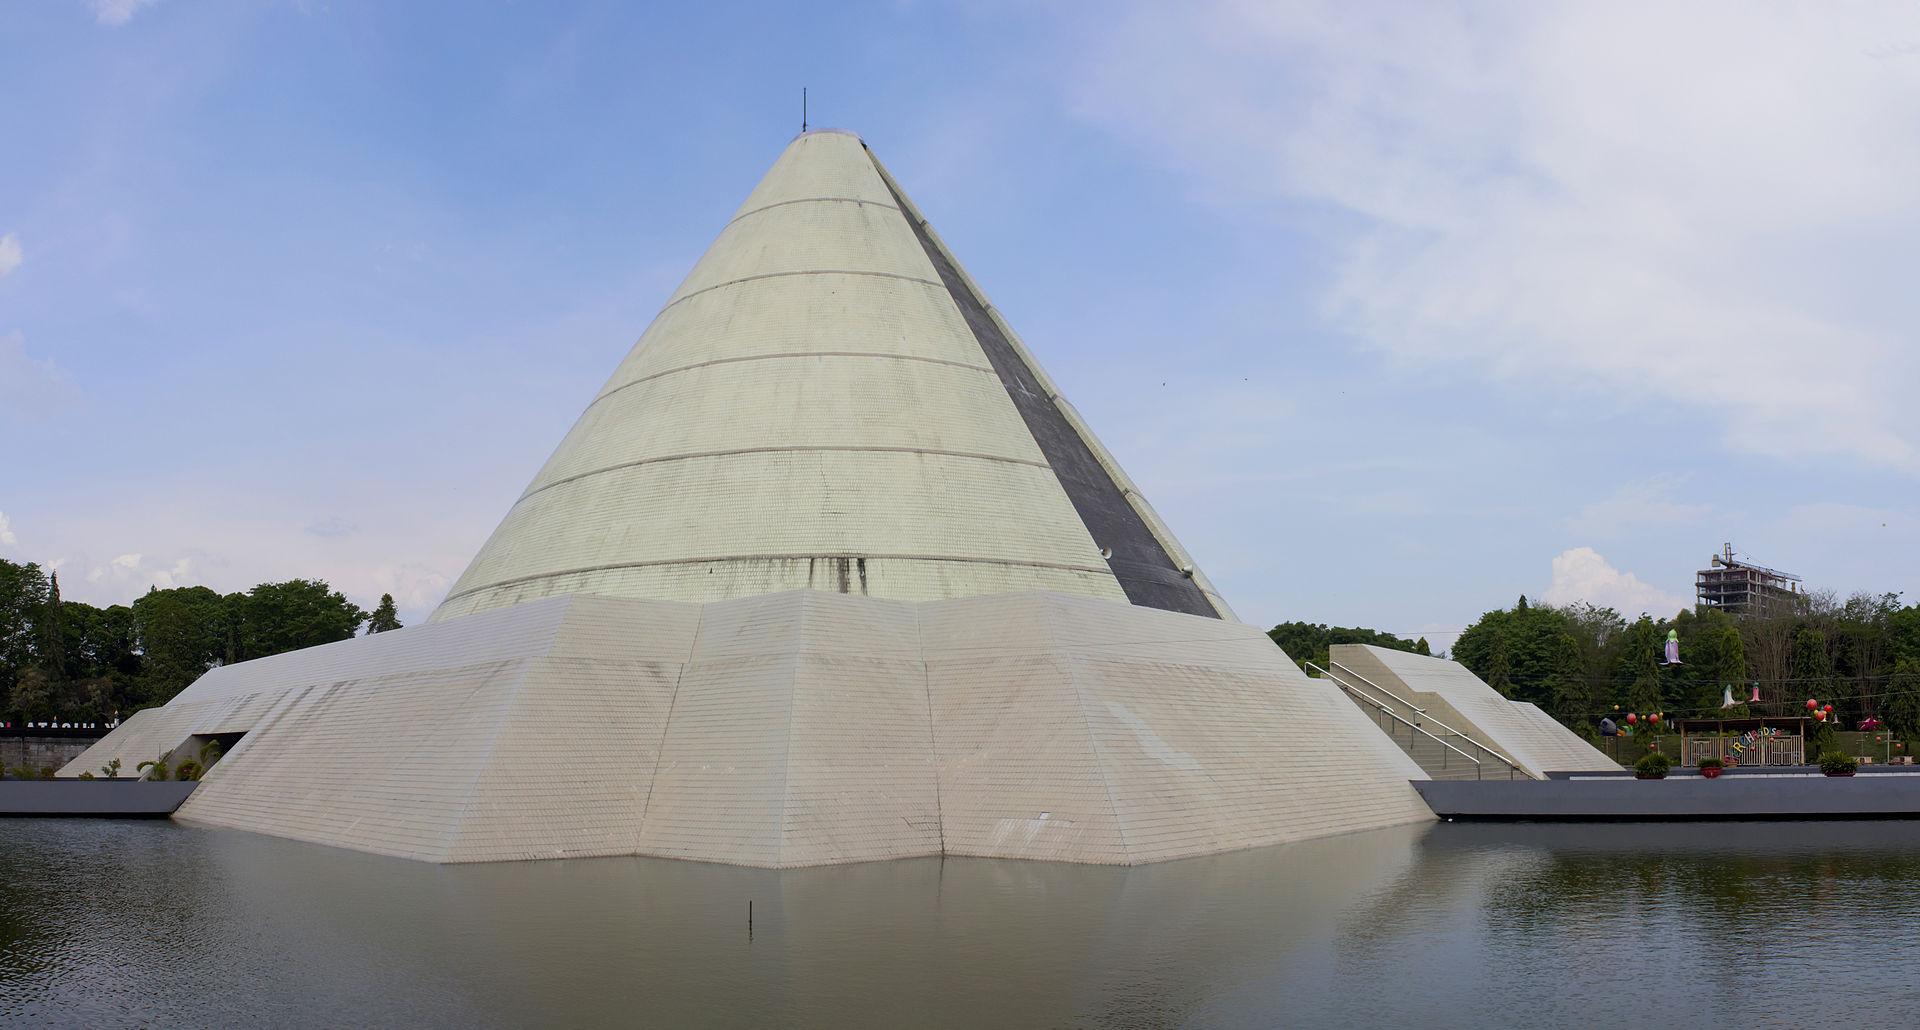 Monumen Jogja Kembali panorama.jpg